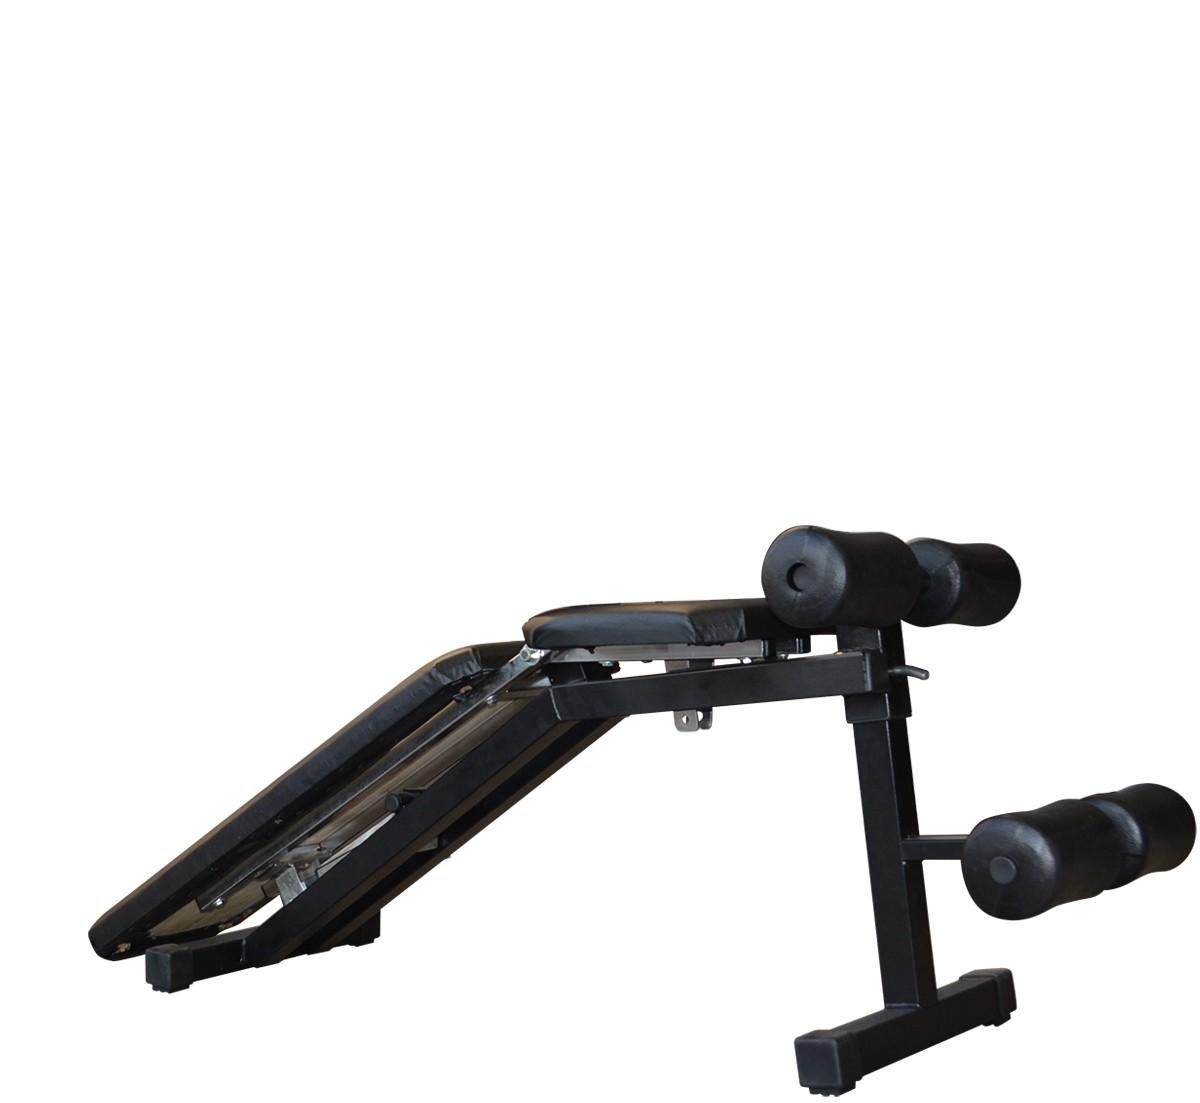 Foto5 - Banco livre Regulável para Exercícios com Barras, Halteres ou equipamentos, multiuso. Melhor Preço - Fitness Prado